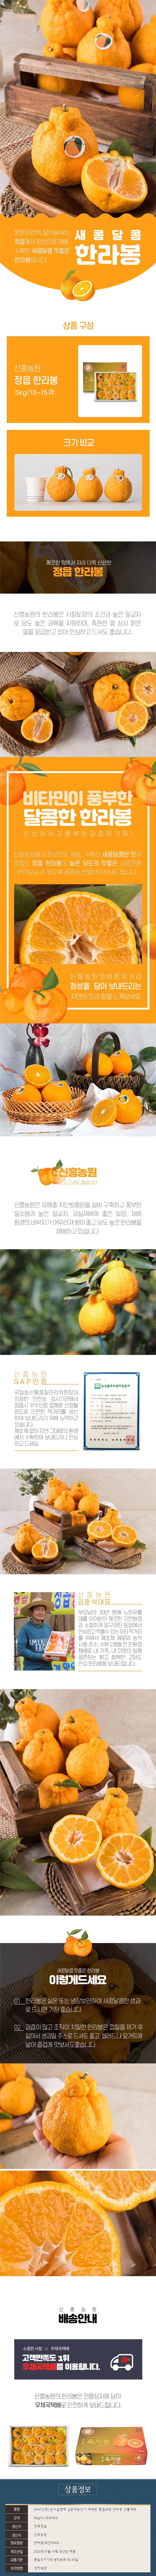 sinpung_page_hanrabongset_5kg_13~15.jpg